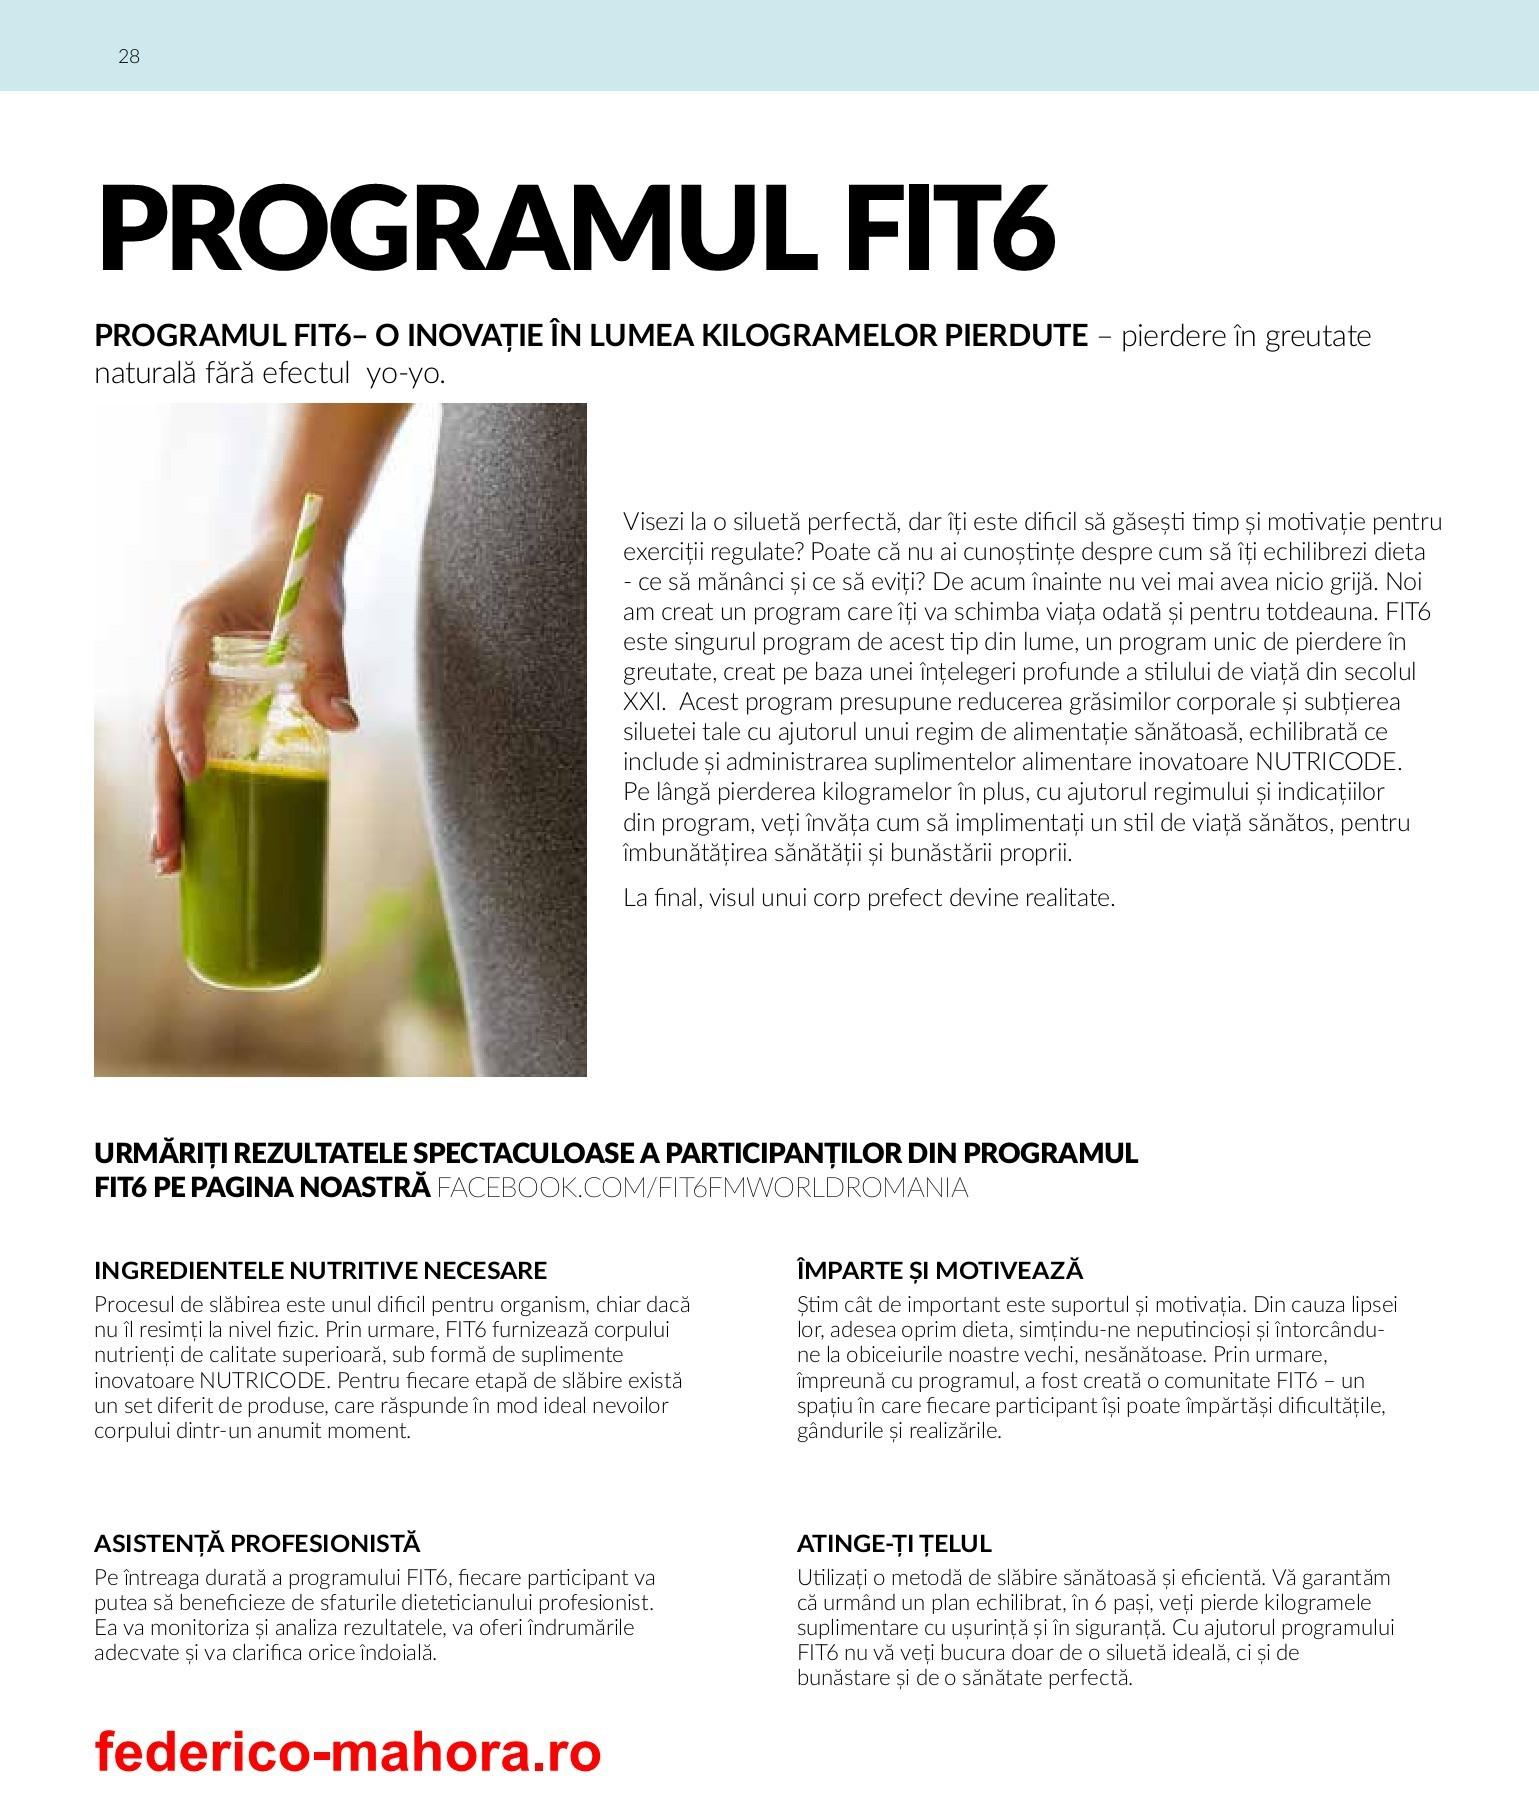 Proces suplimentar pentru pierderea în greutate